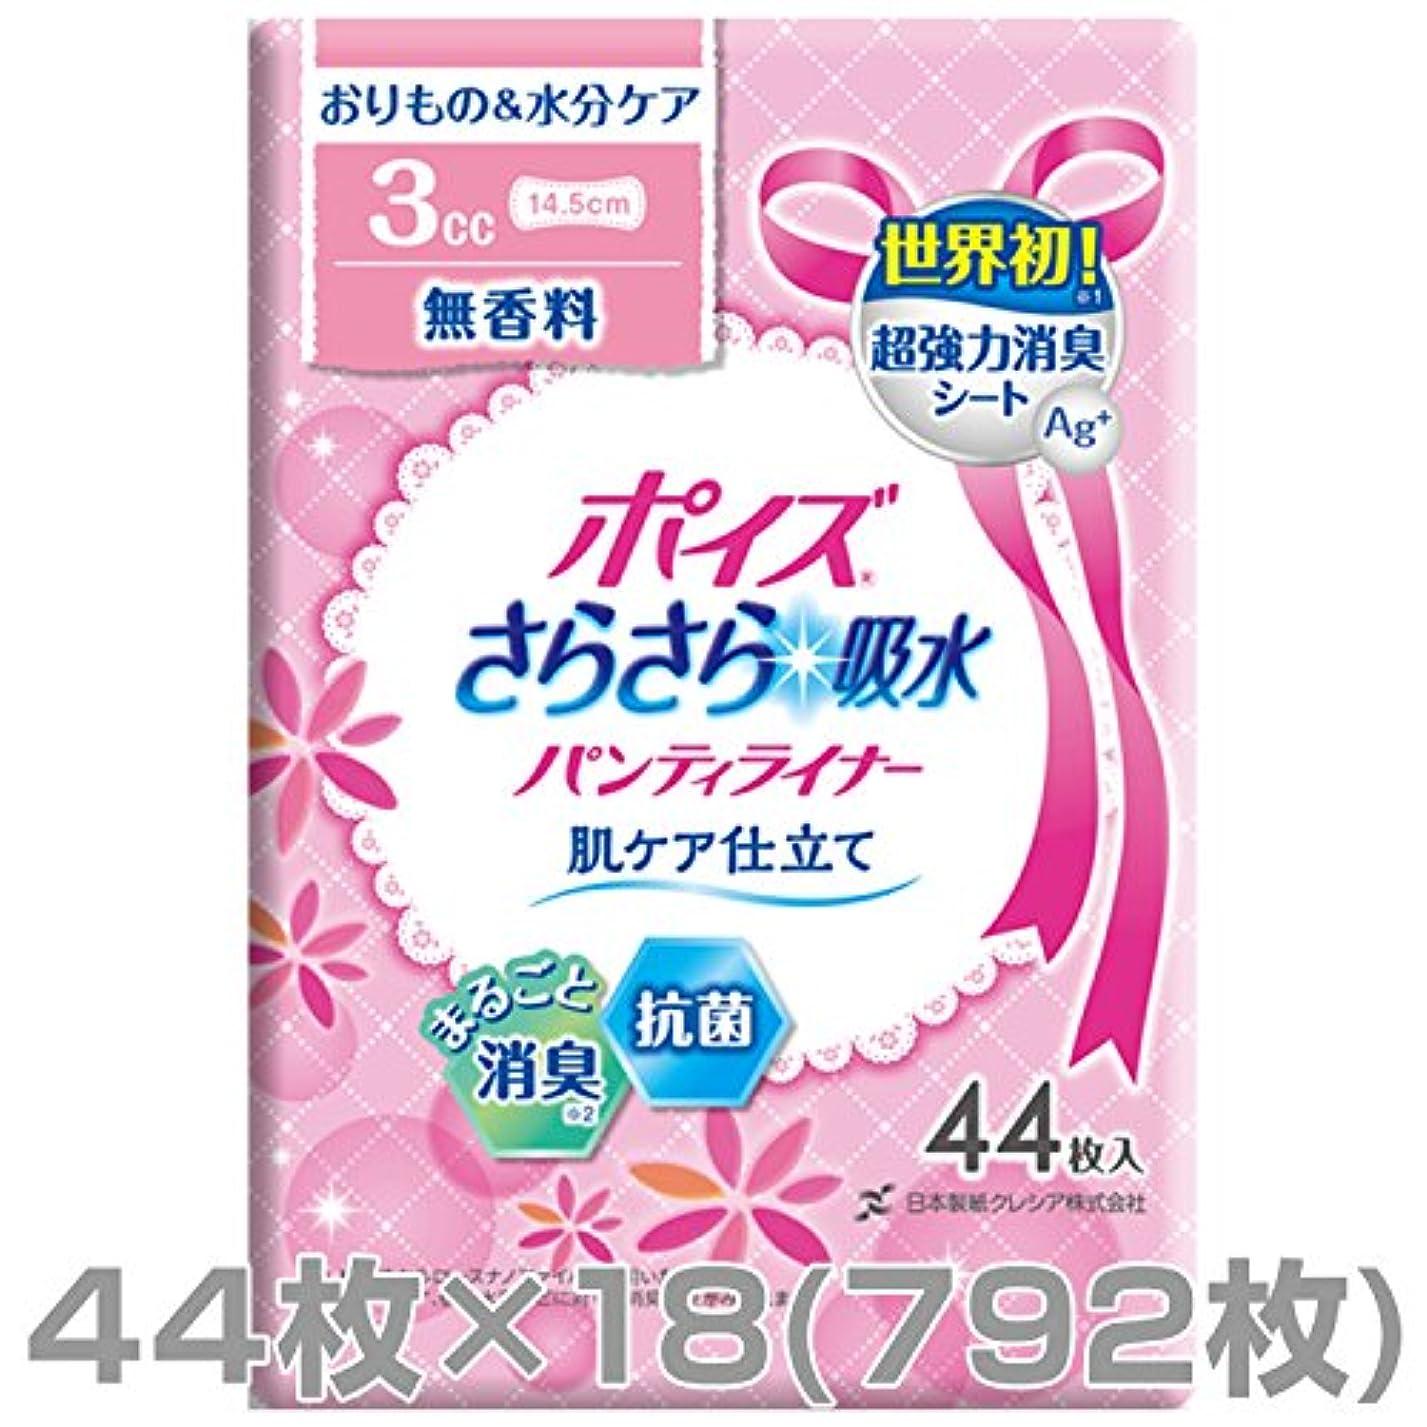 消費する同一性後ろ、背後、背面(部日本製紙クレシア ポイズ さらさら吸収パンティライナー 無香料 (吸収量3cc) 44枚×18(792枚) 80758*18